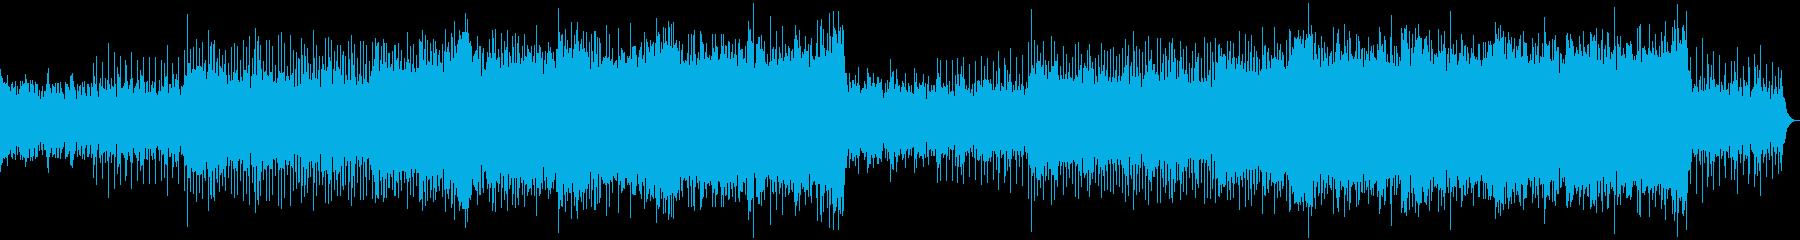 和風・EDM・爽やか・疾走感の再生済みの波形